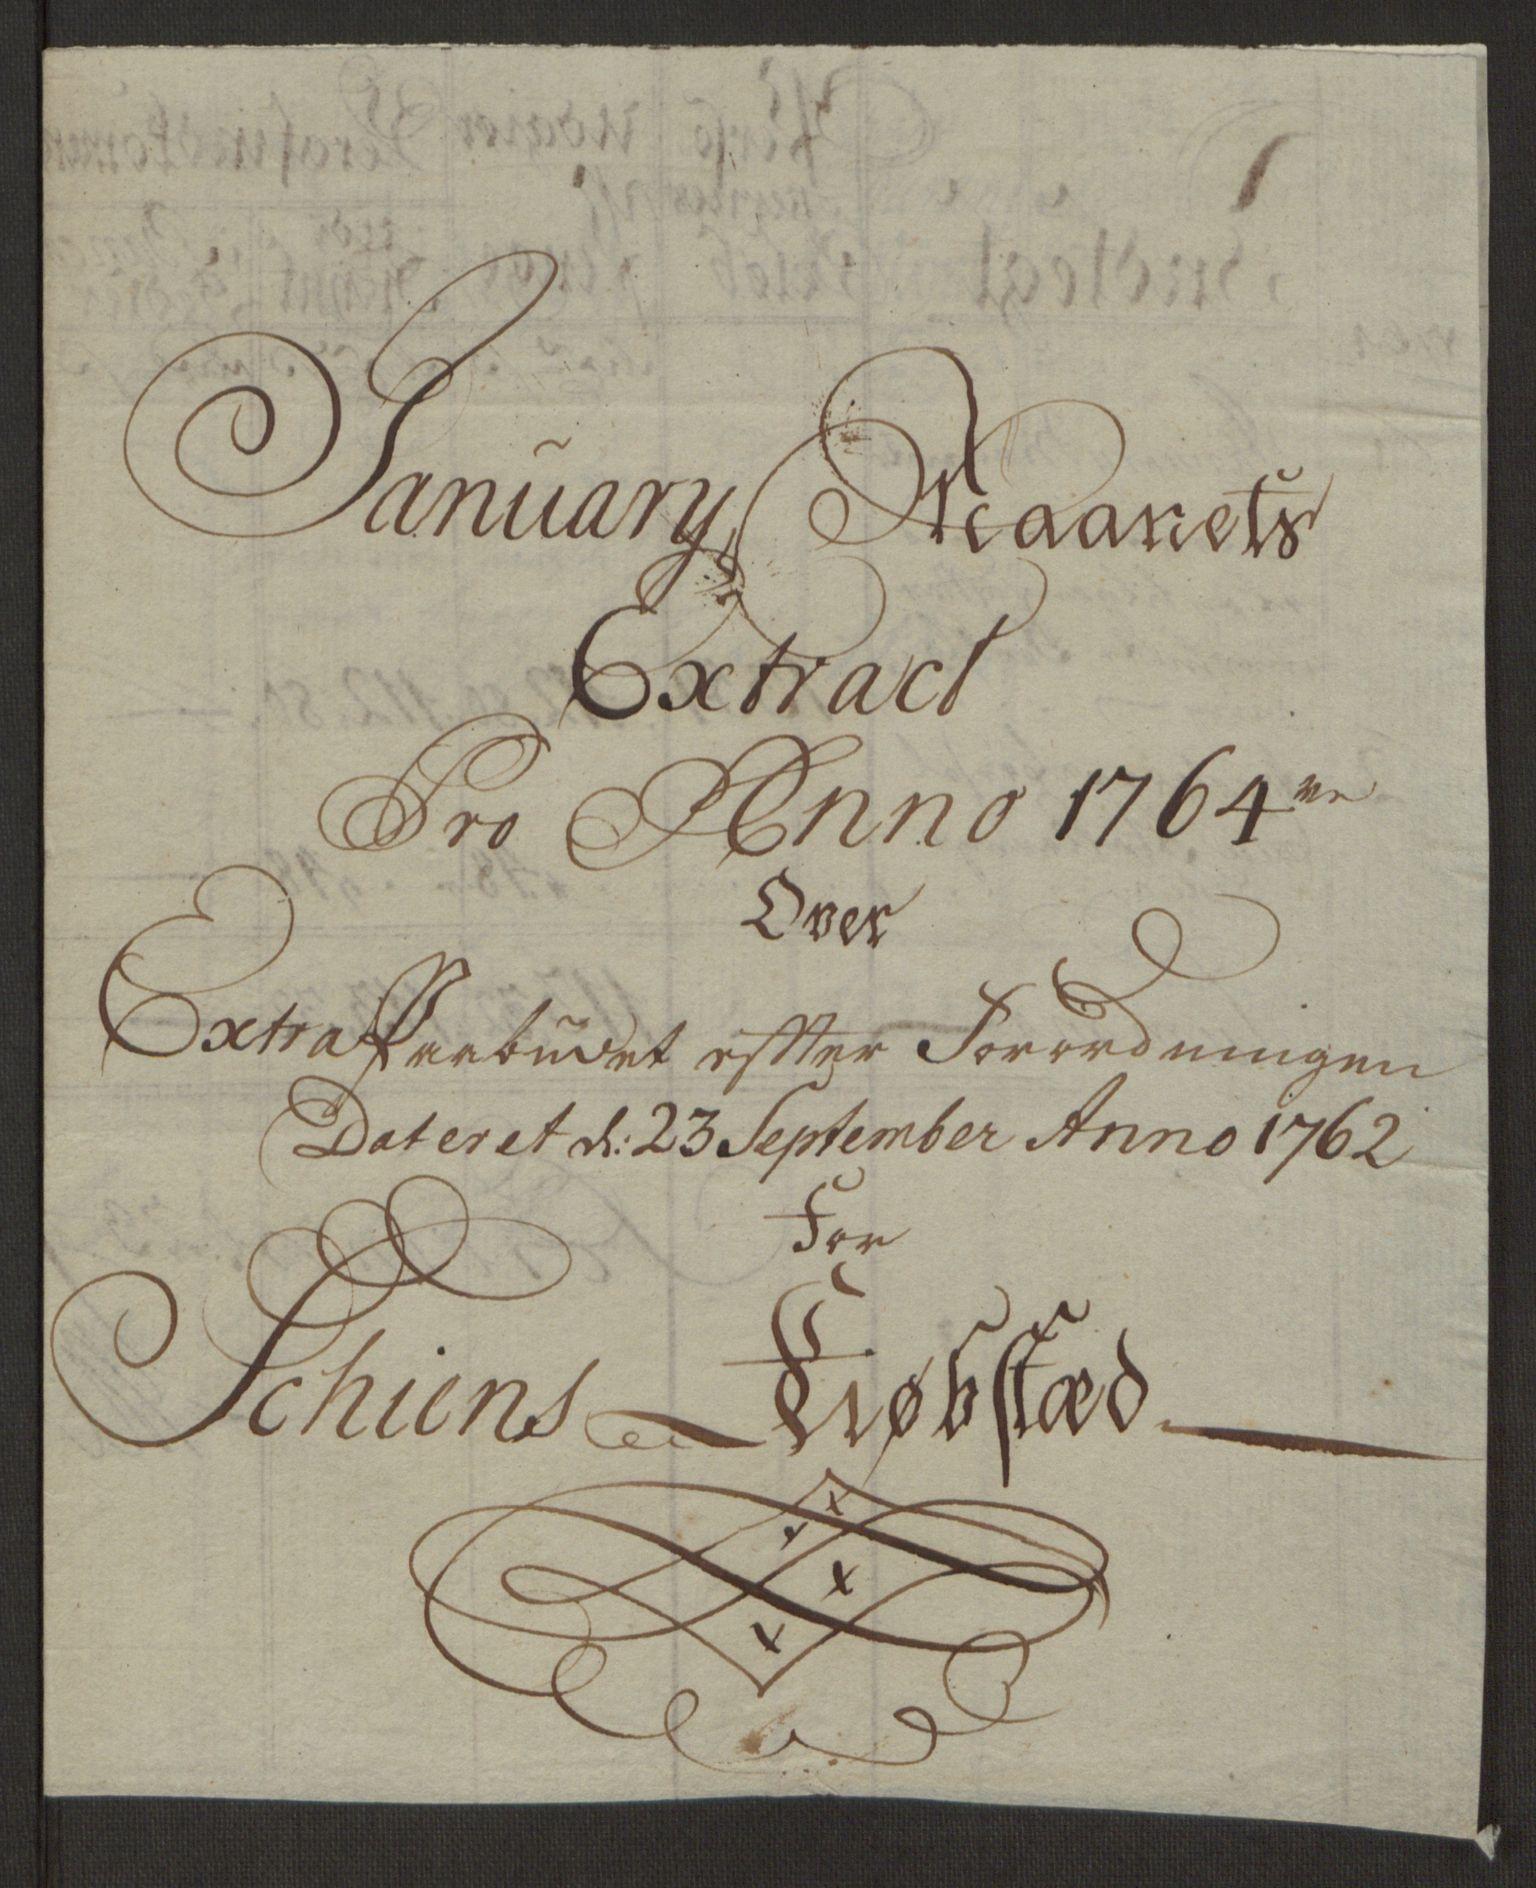 RA, Rentekammeret inntil 1814, Reviderte regnskaper, Byregnskaper, R/Rj/L0198: [J4] Kontribusjonsregnskap, 1762-1768, s. 181